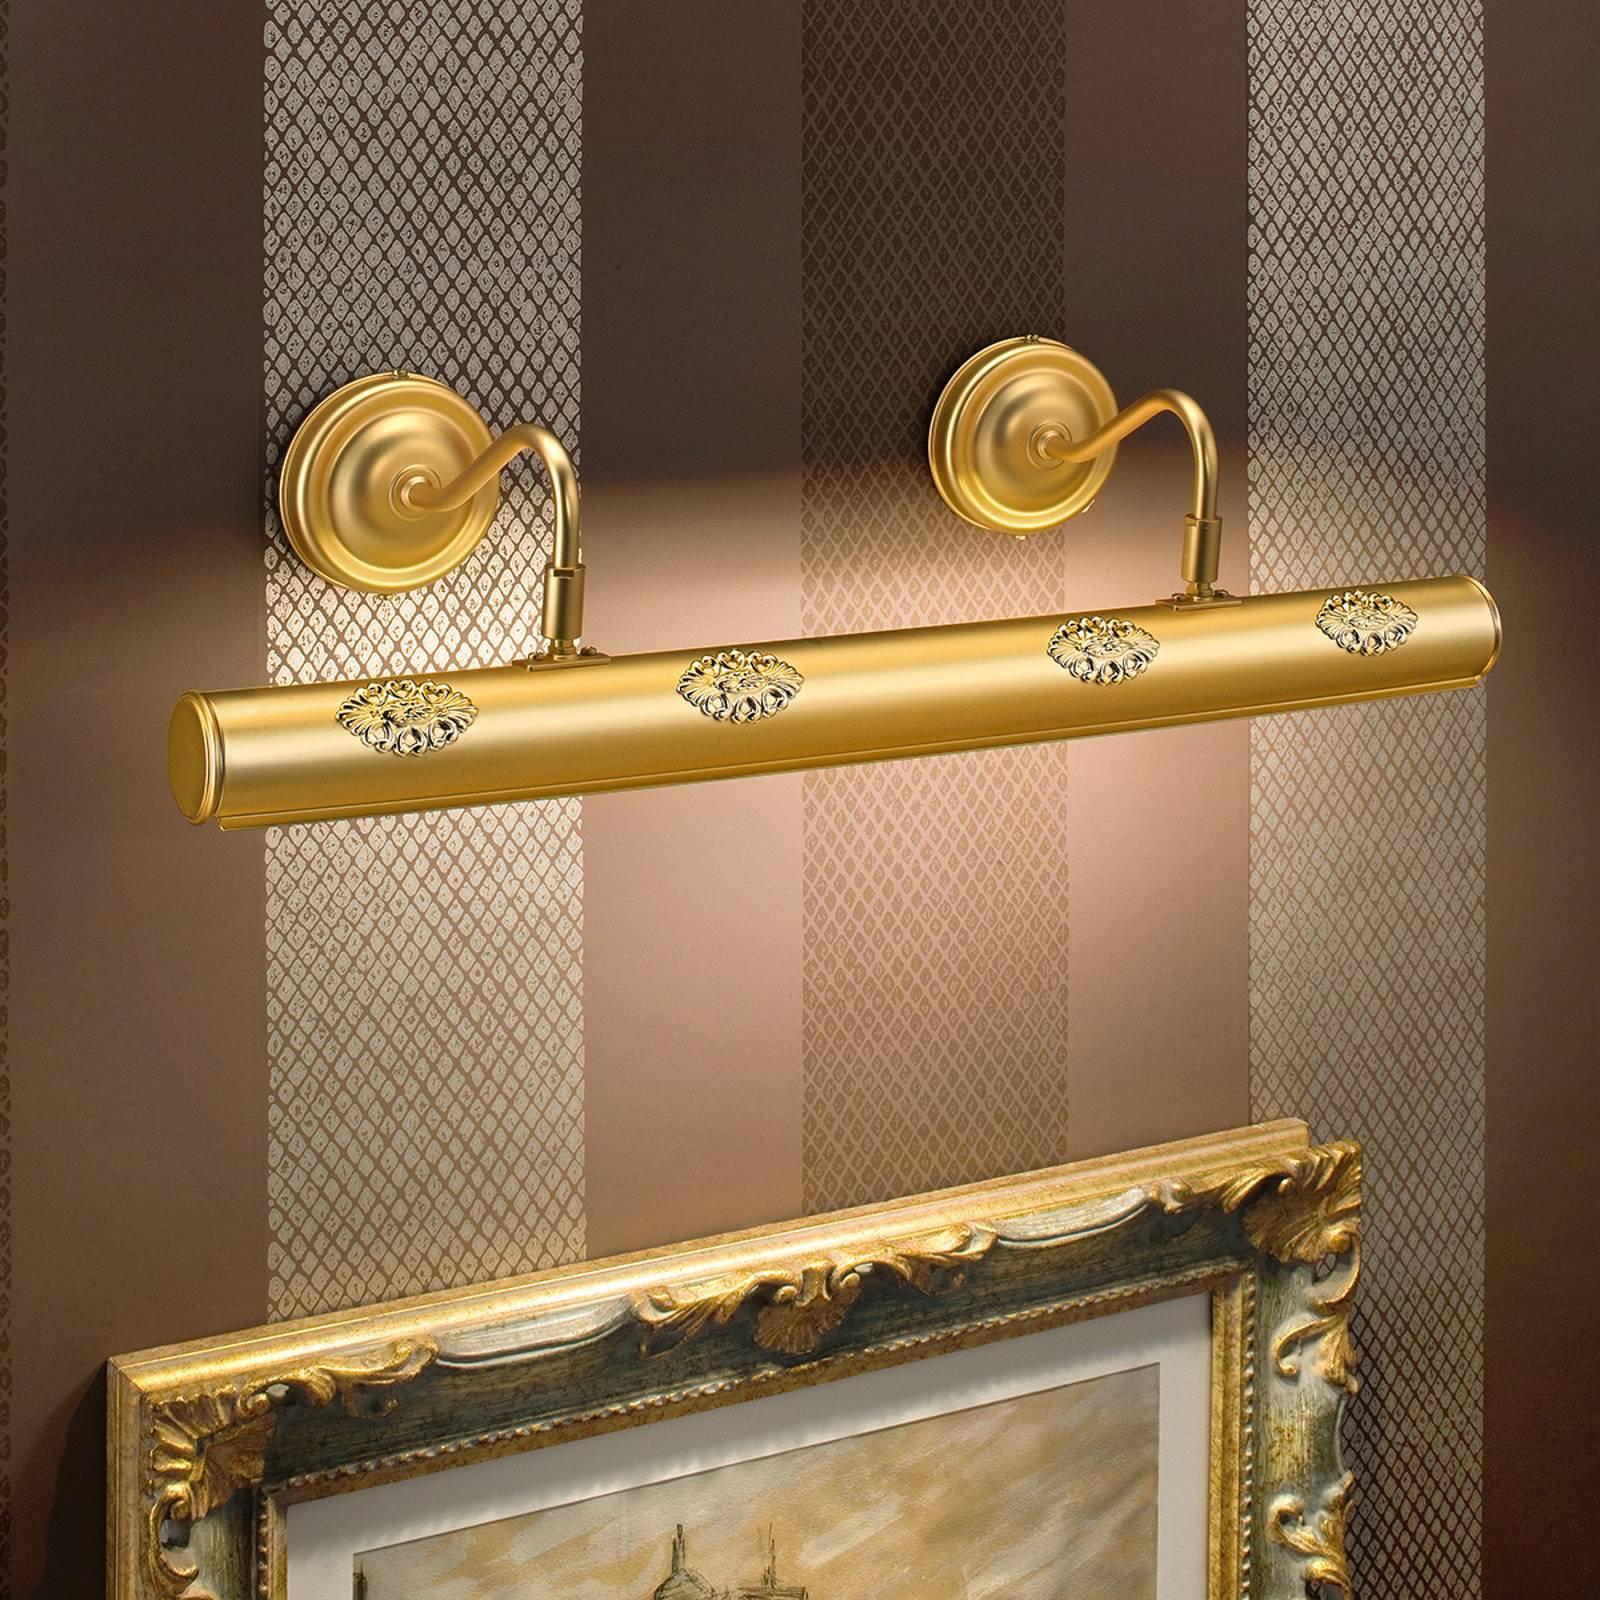 Henrika - forgylt billedlys med dekor